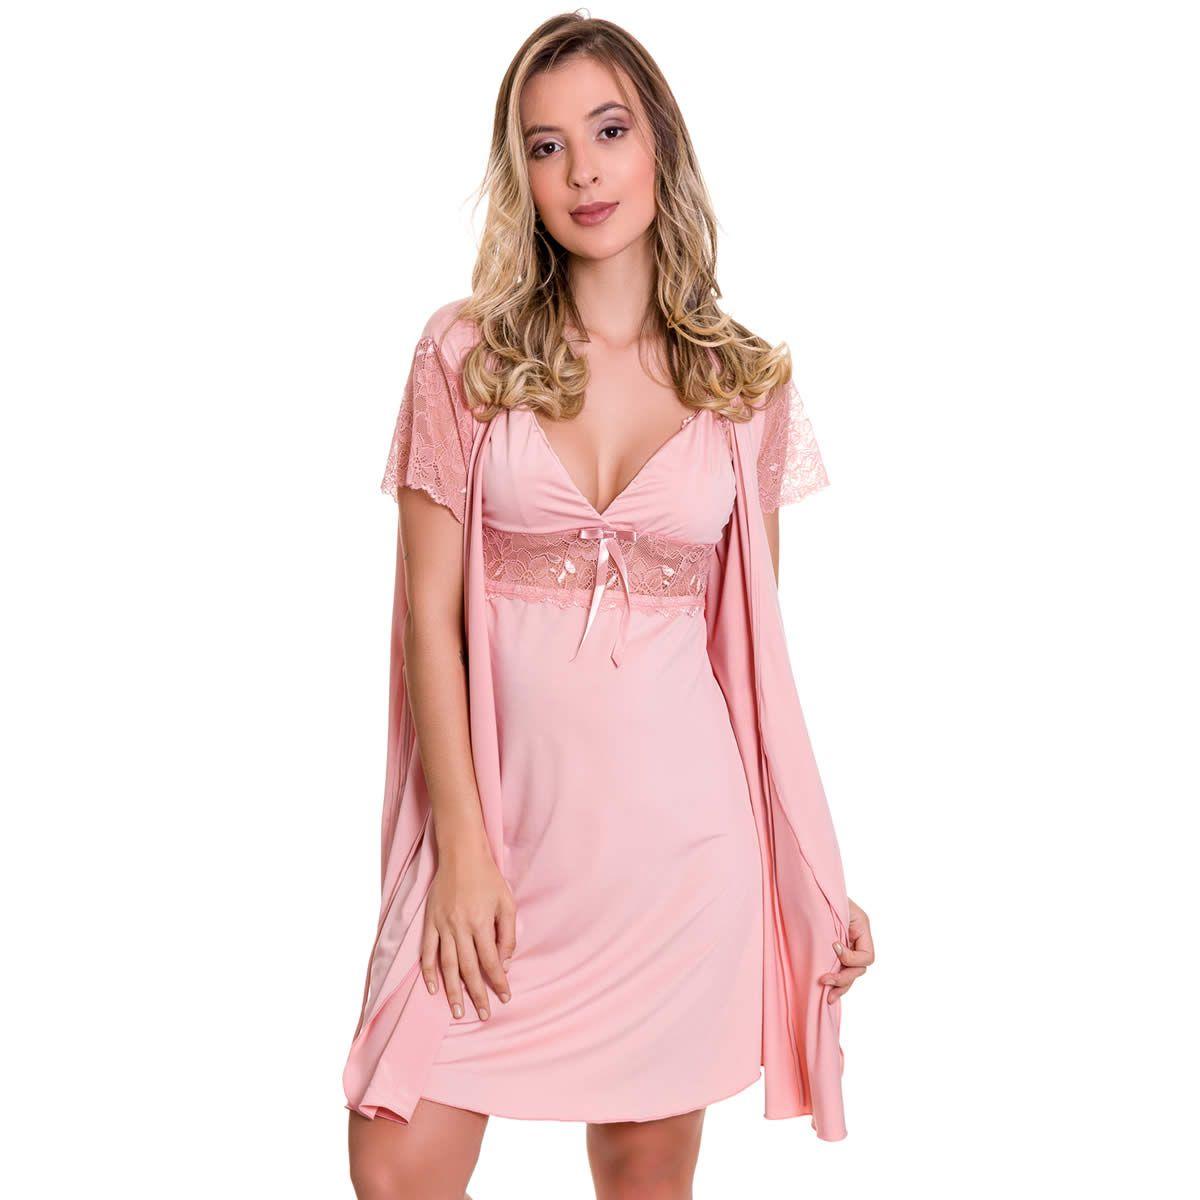 Camisola Amamentação Com Robe em Microfibra e Renda Rosa Lilás ou Azul Marinho - ES206-207